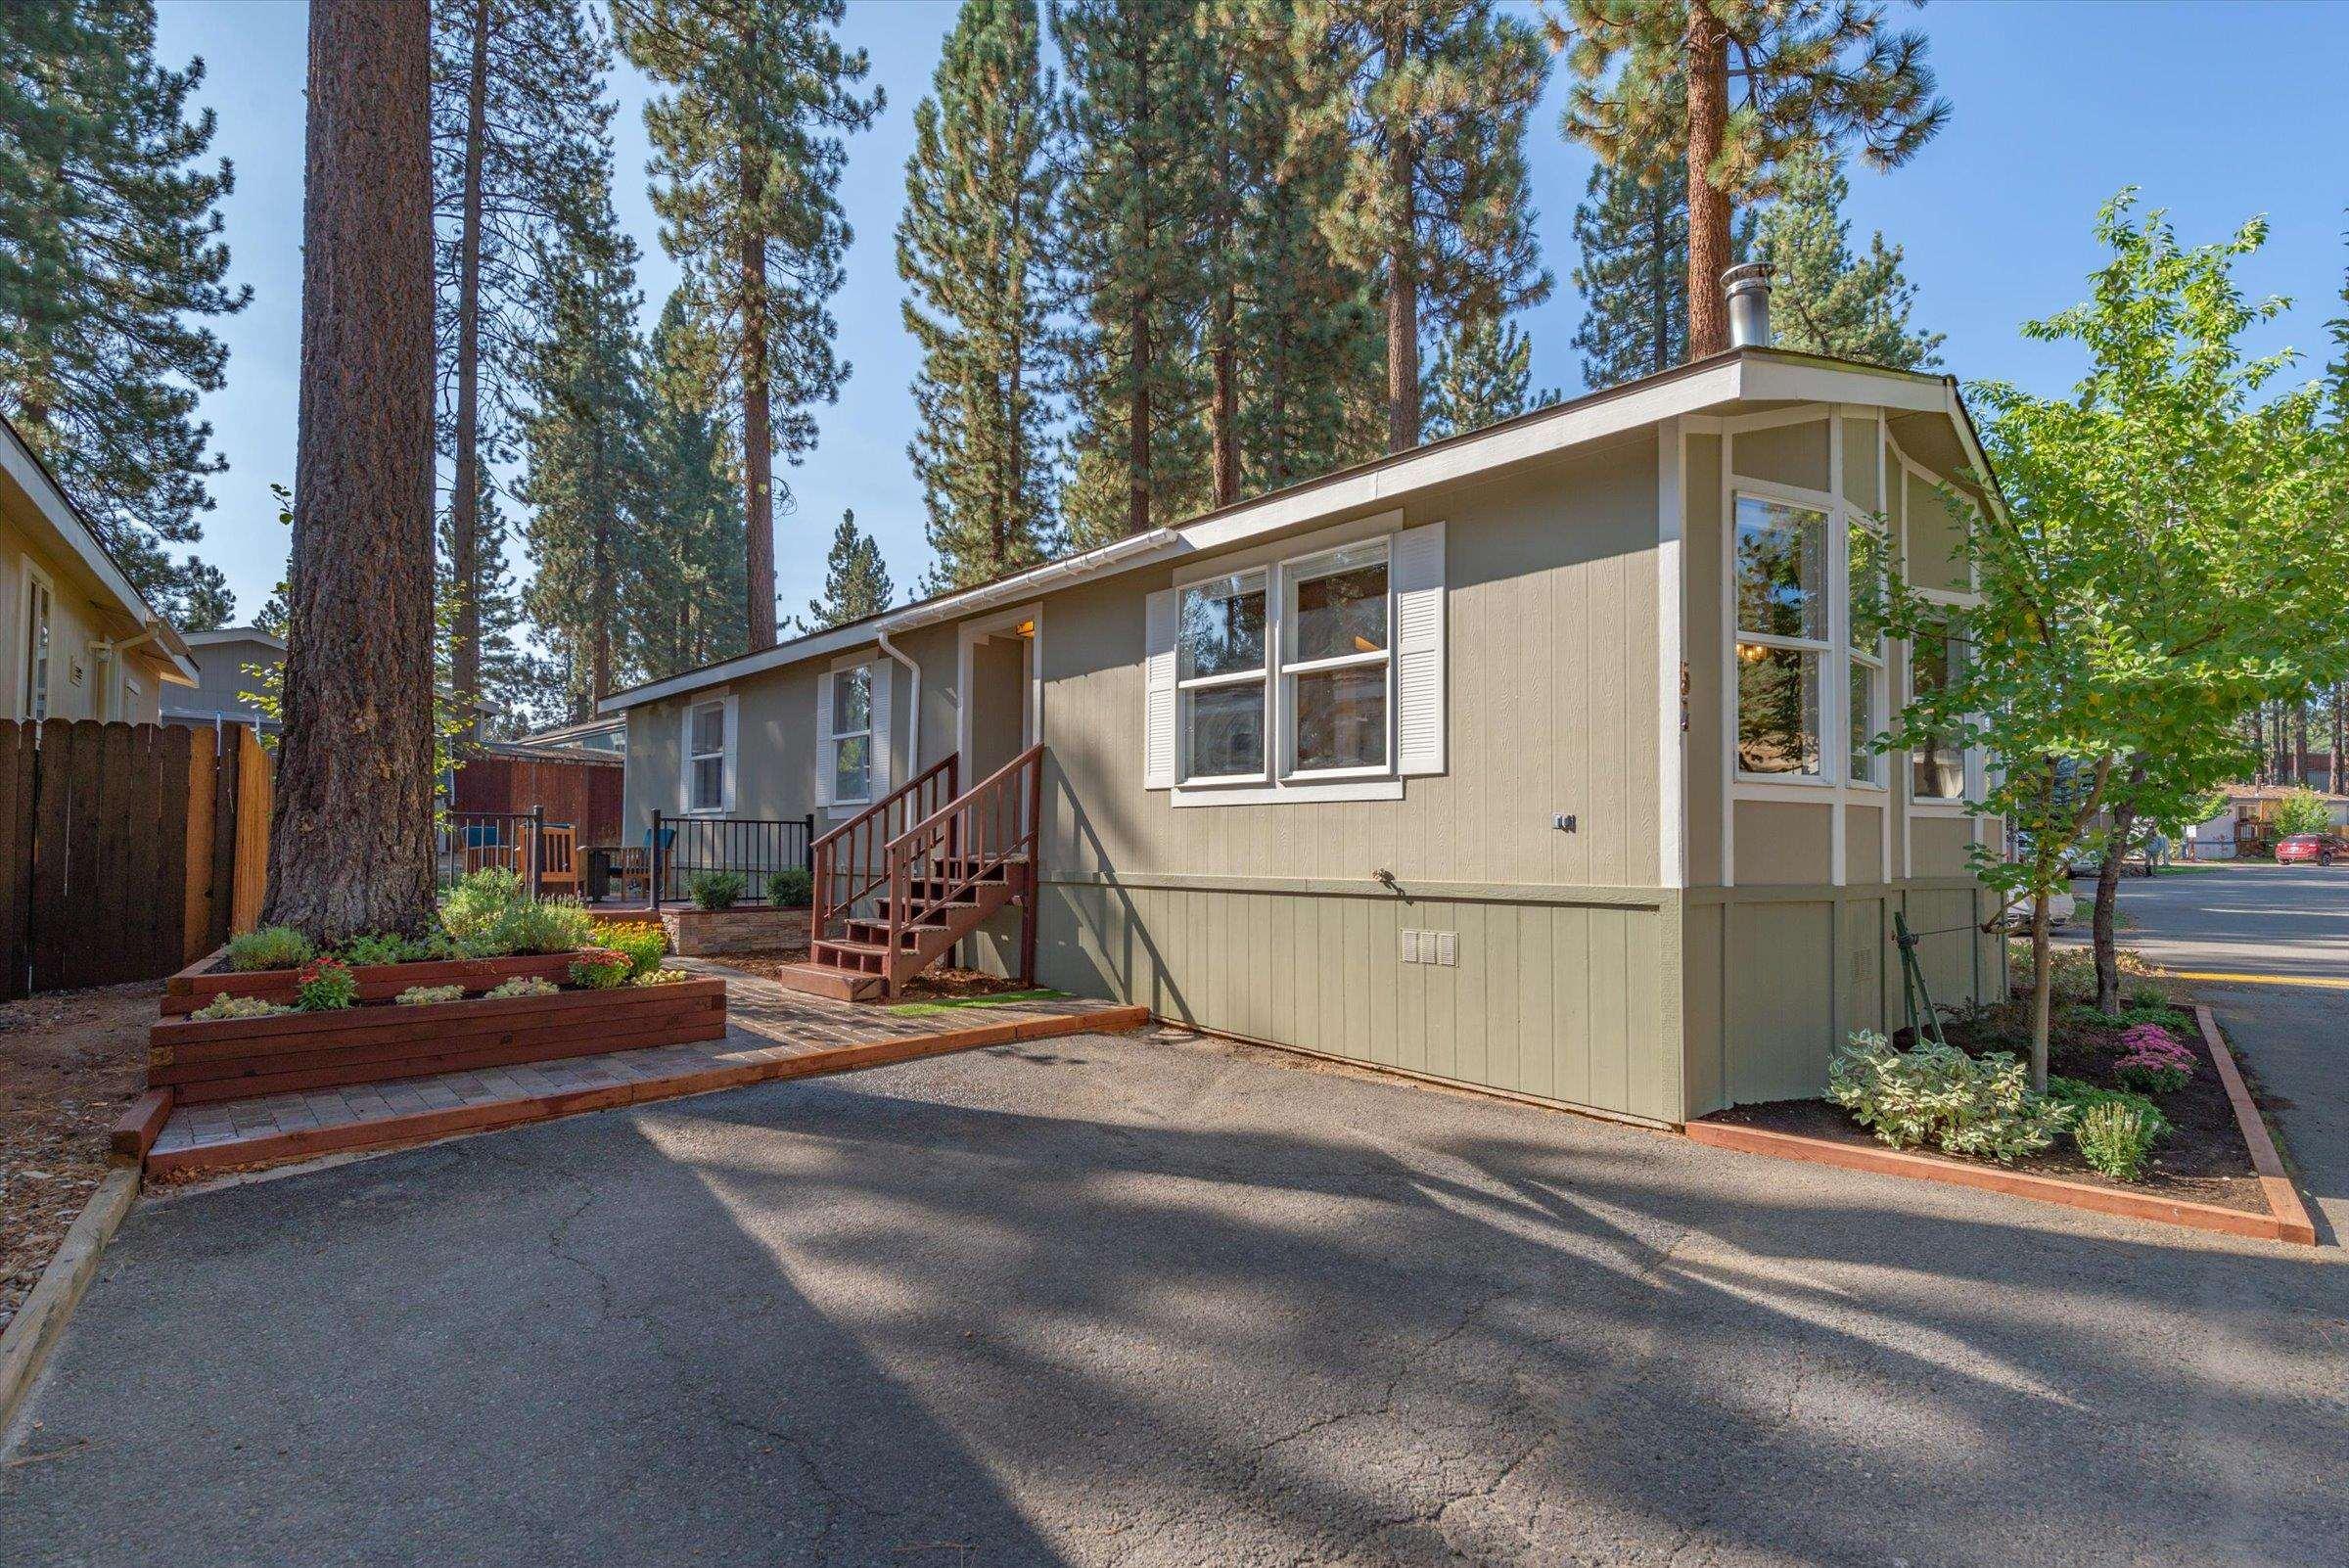 10100 Pioneer Trail 54, Truckee, CA 96161